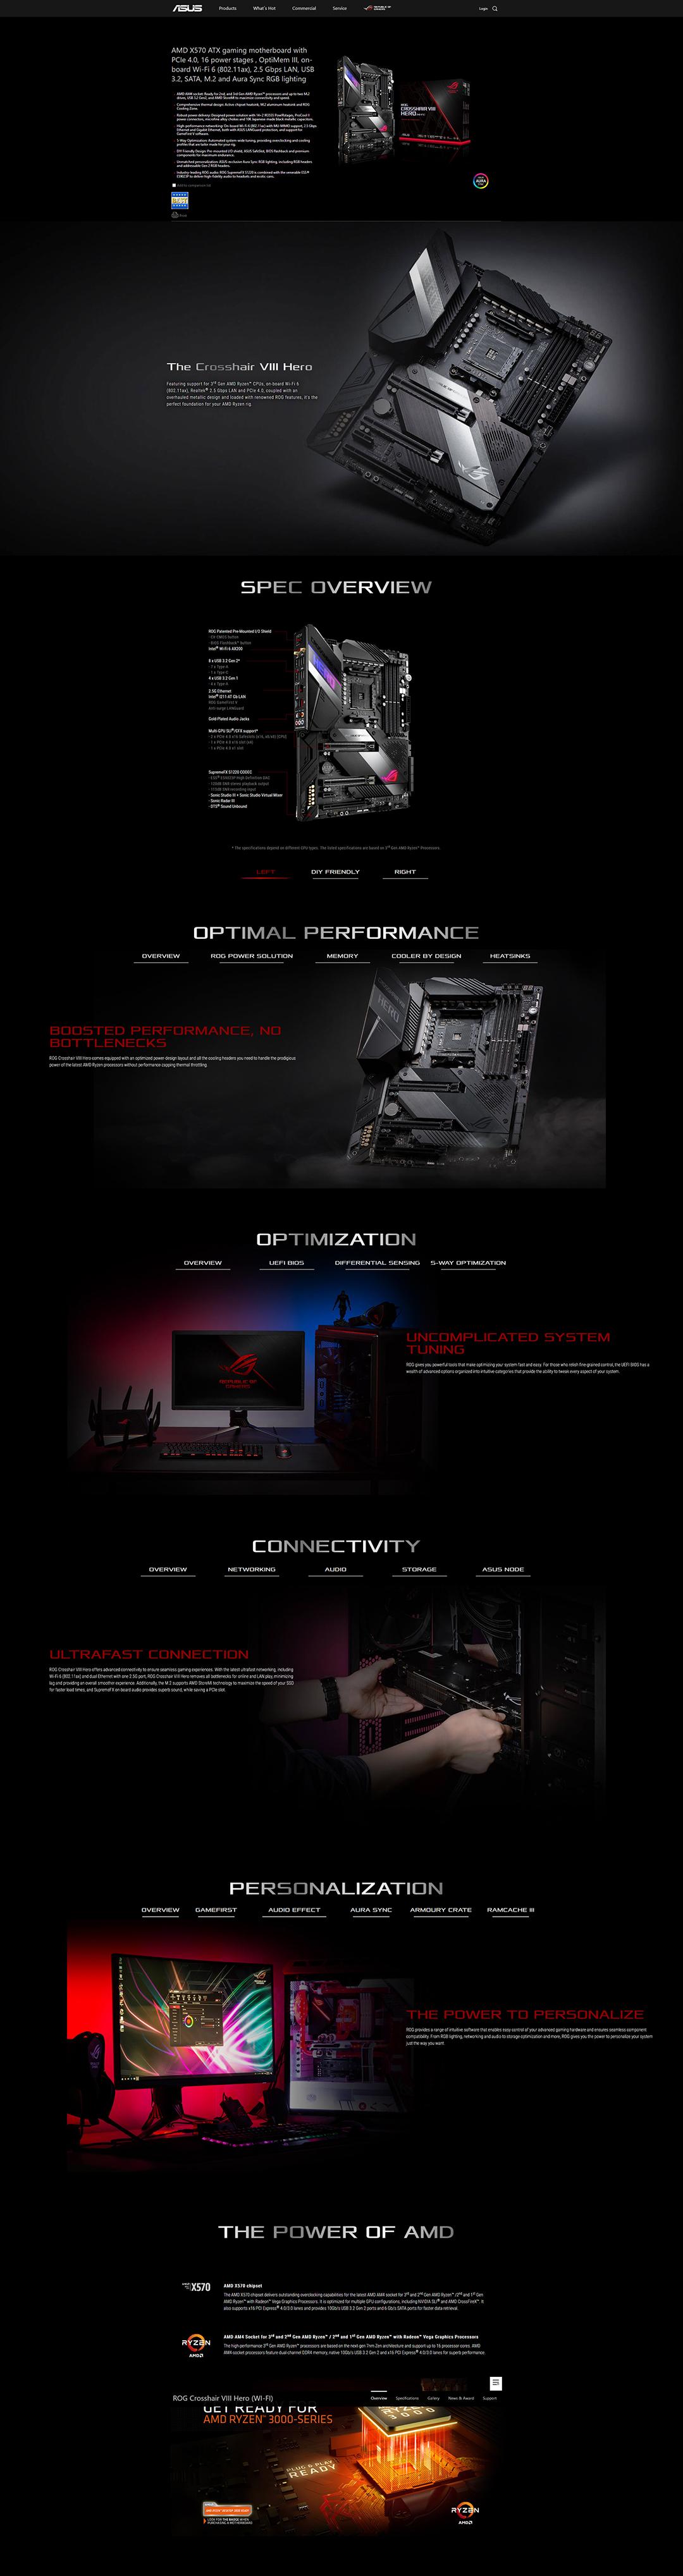 screenshot_2019-08-09-rog-crosshair-viii-hero-wi-fi-motherboards-asus-global